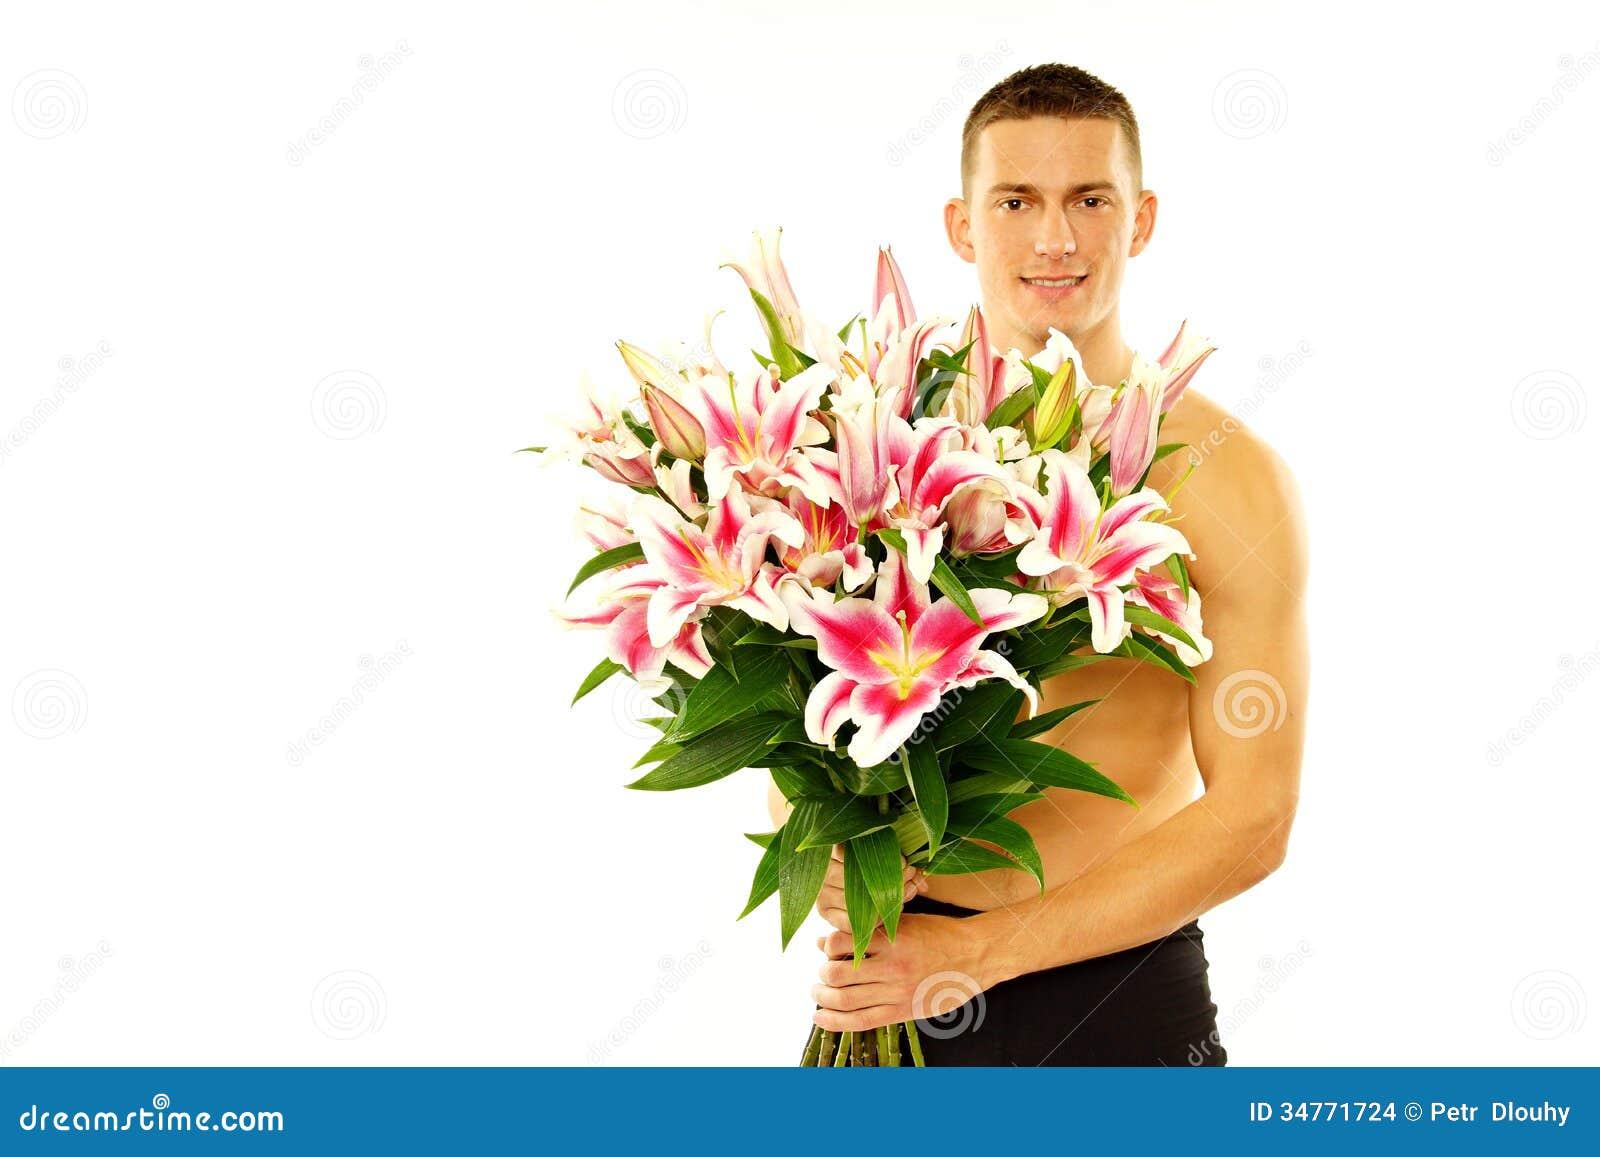 Тебе одна, голый цветок